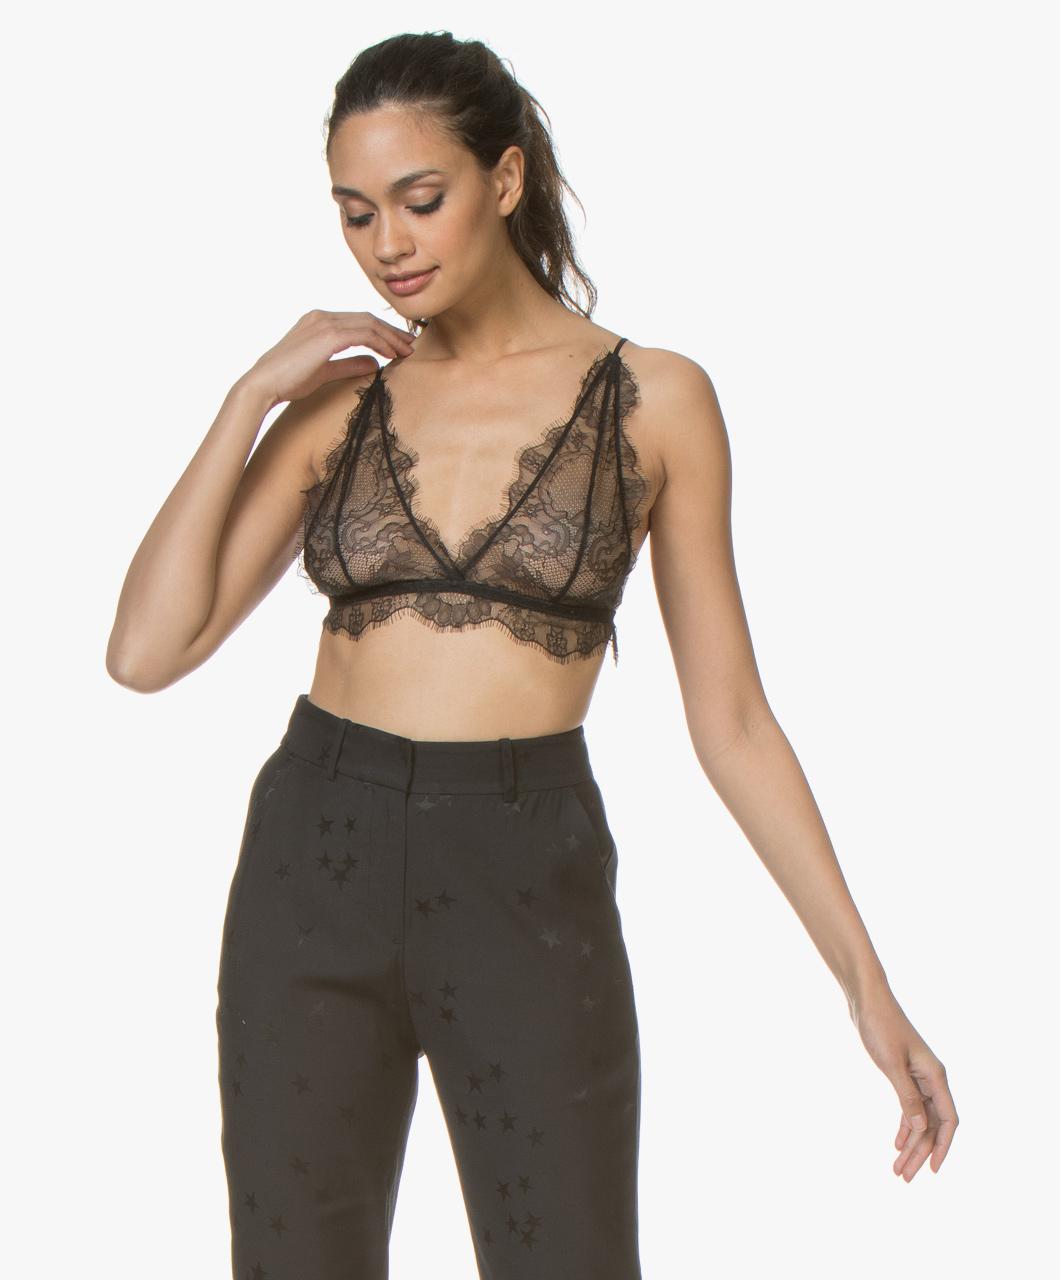 89f9042baa3e3 ANINE BING Delicate Lace Bra - Black - ab50 delicate -007